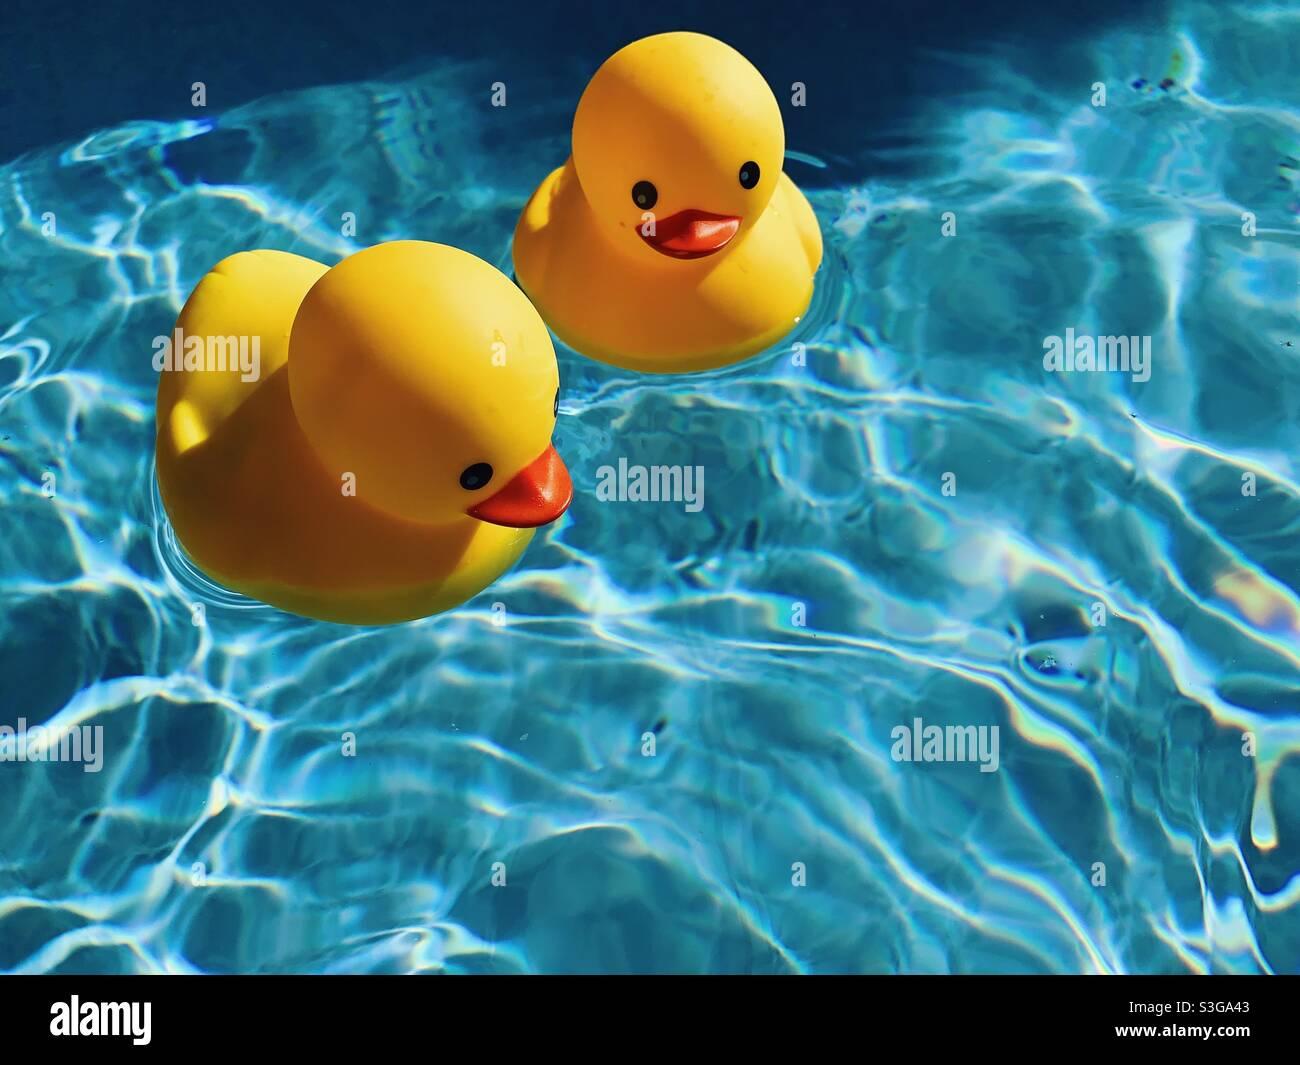 Due anatre di gomma gialla si trovano a galla in una piscina all'aperto in una calda e soleggiata giornata estiva. Foto Stock